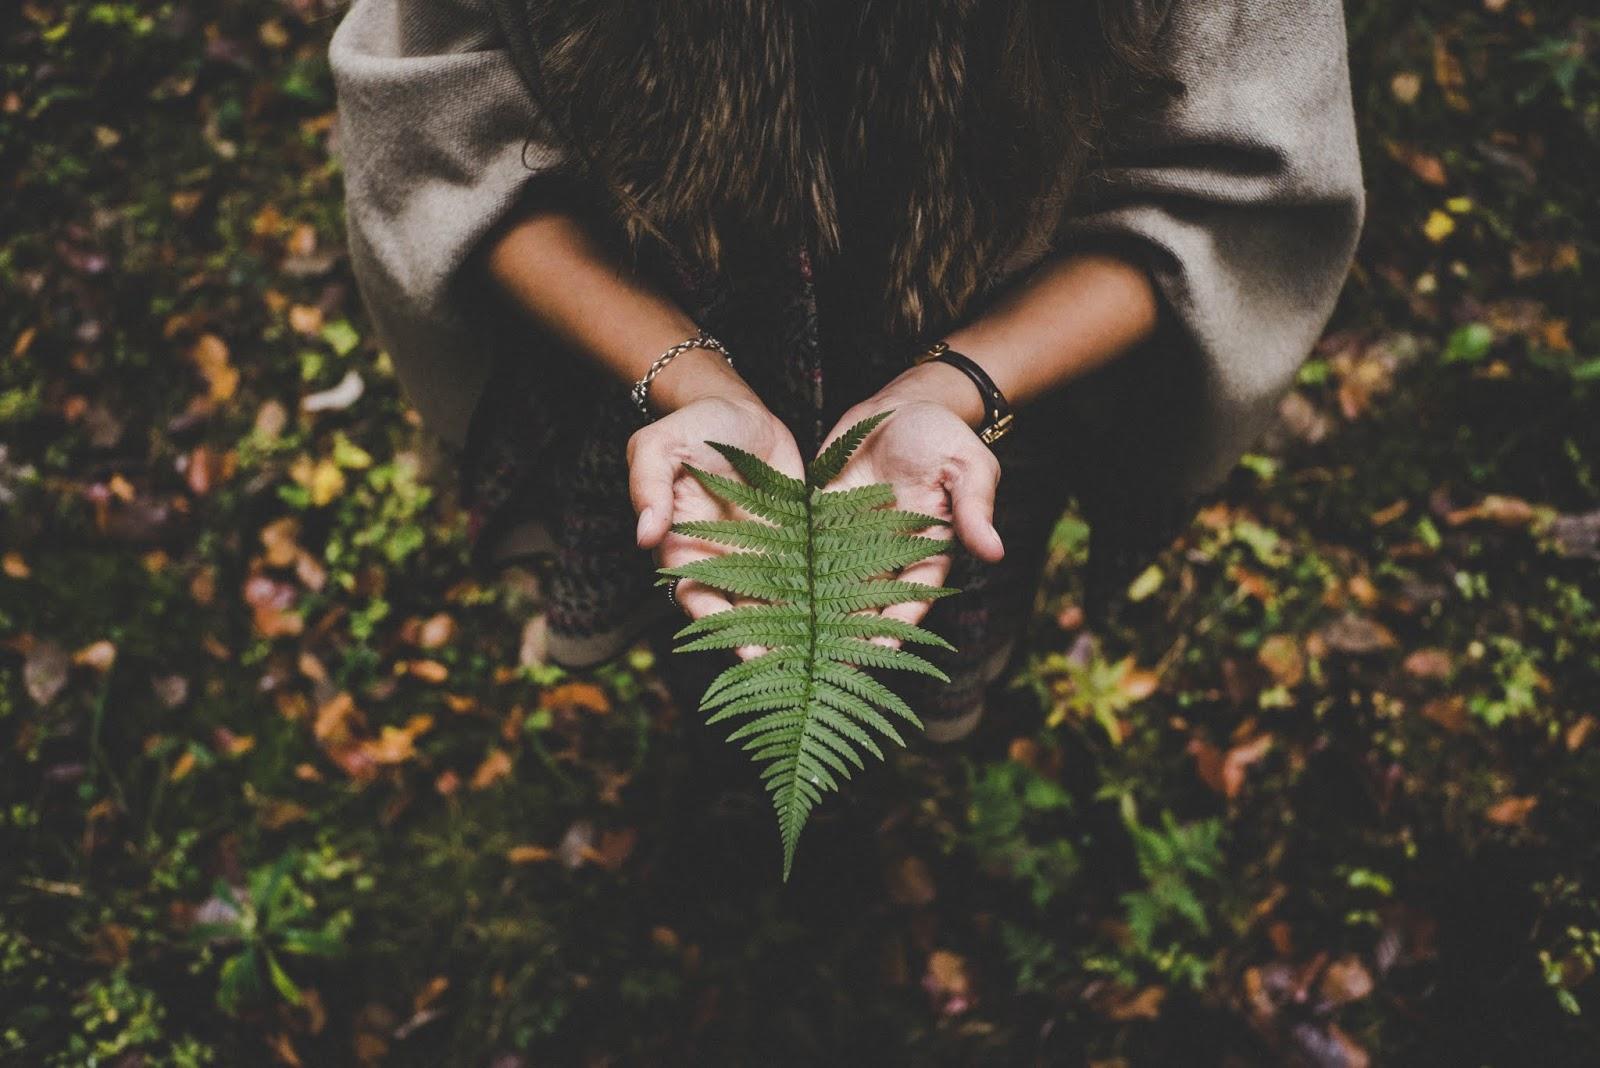 Fotos tumblr com mão, mão natureza, mão bonita, quero te trazer paz